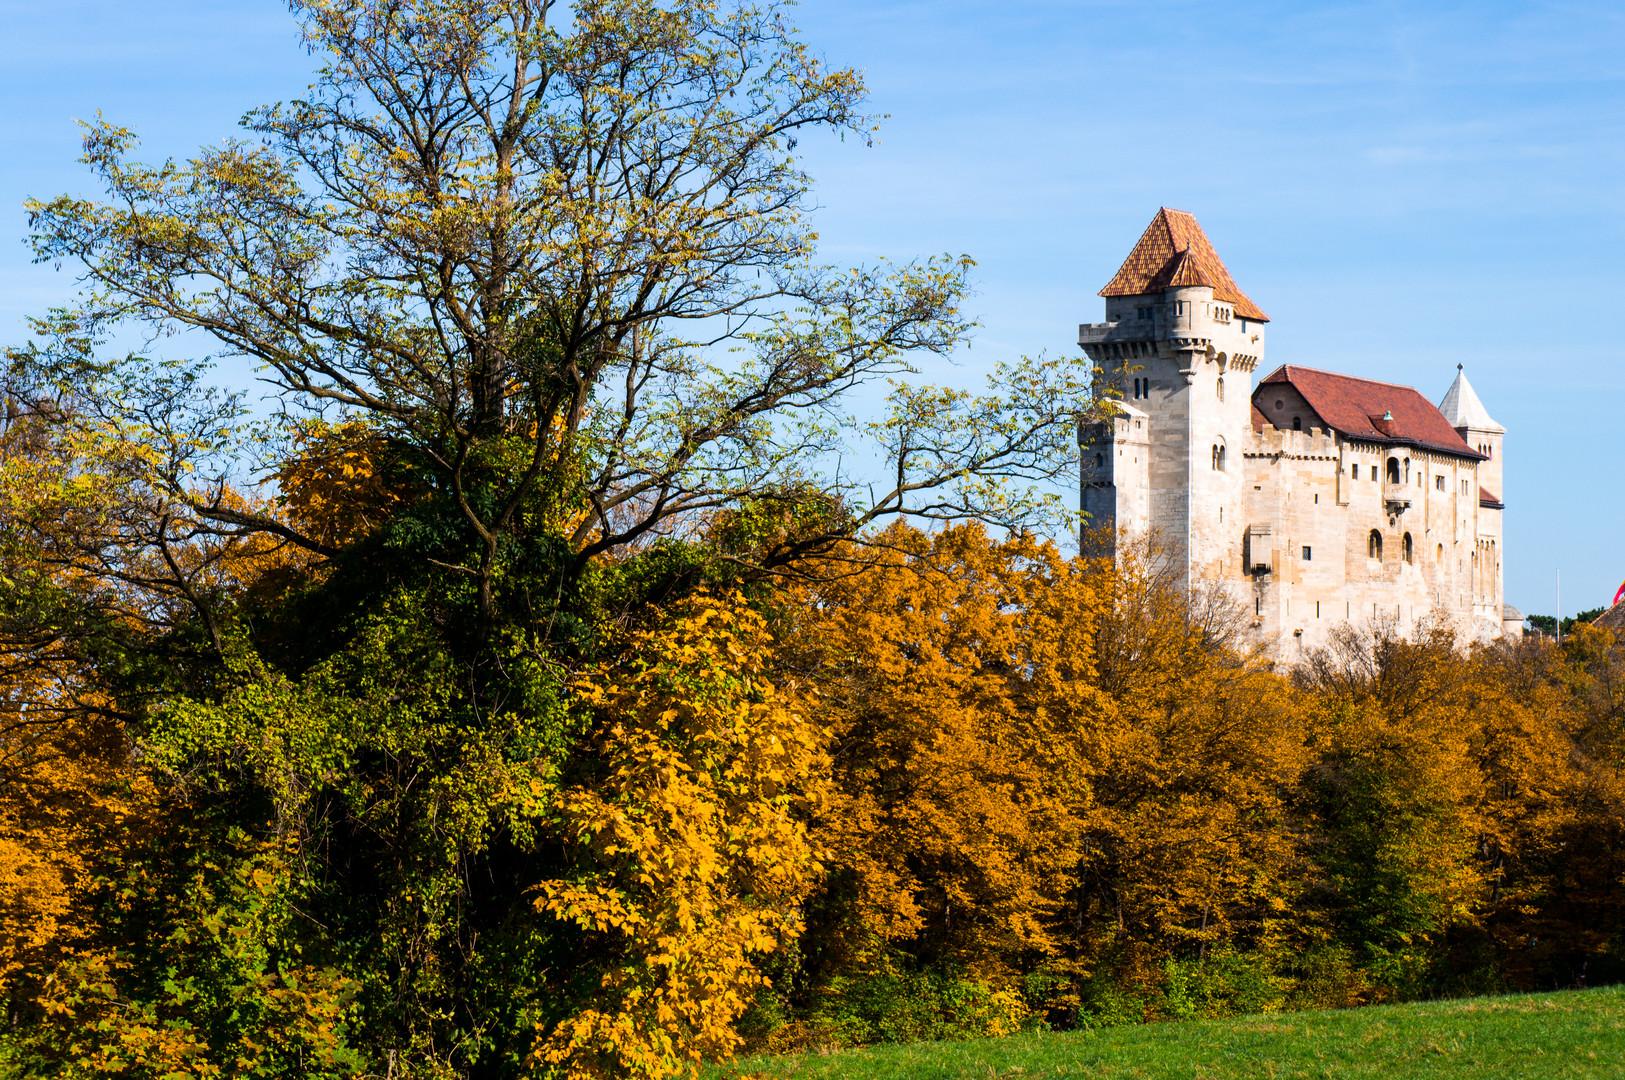 (AUT) Burg Lichtenstein